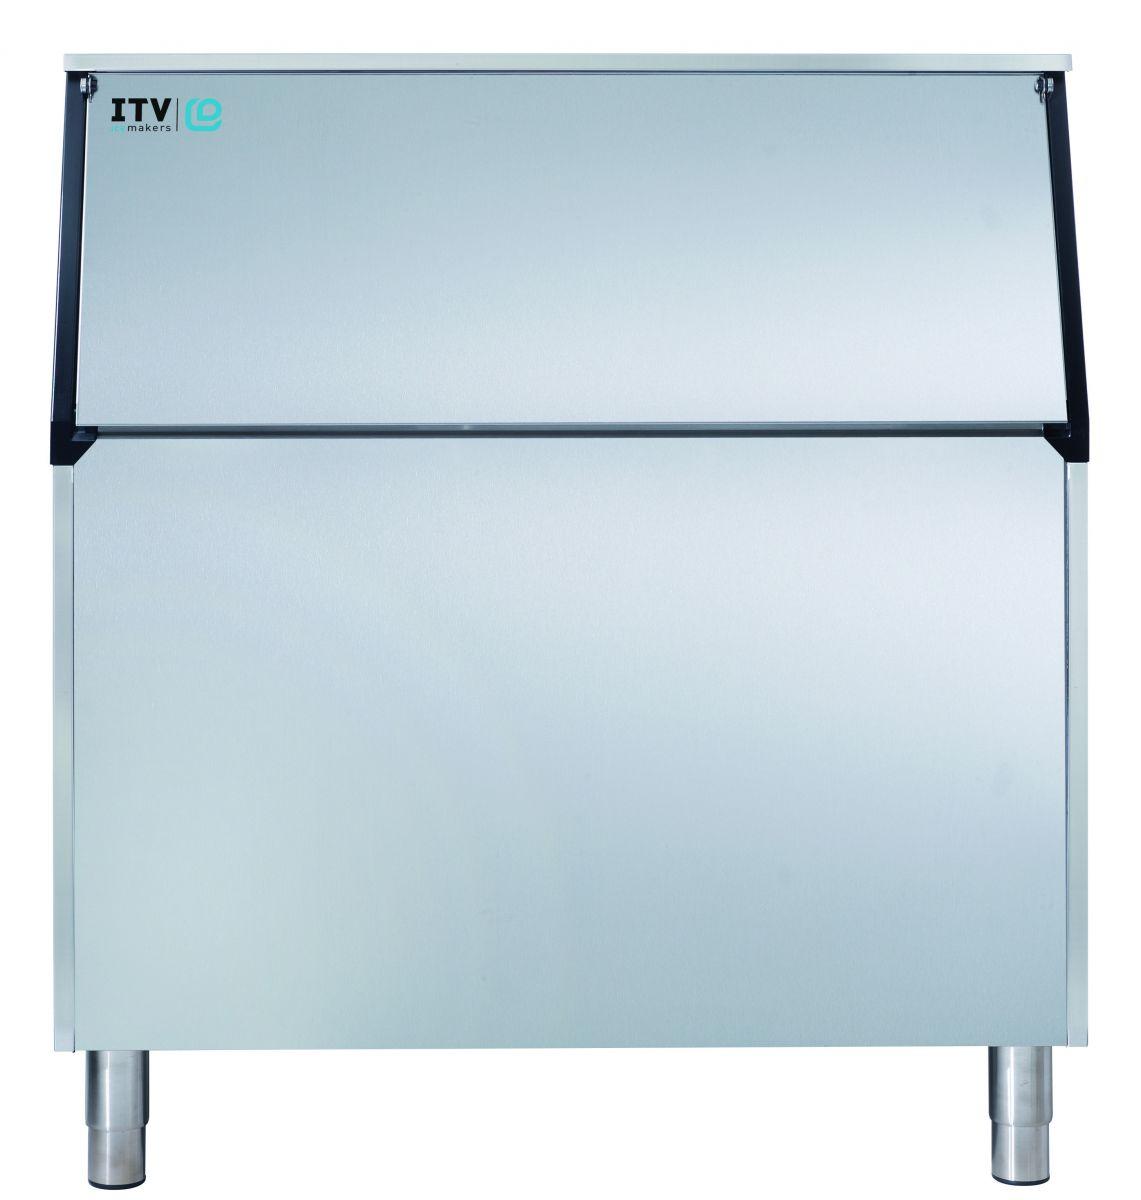 תאי אחסון S400 למכונות קרח ITV ספרד